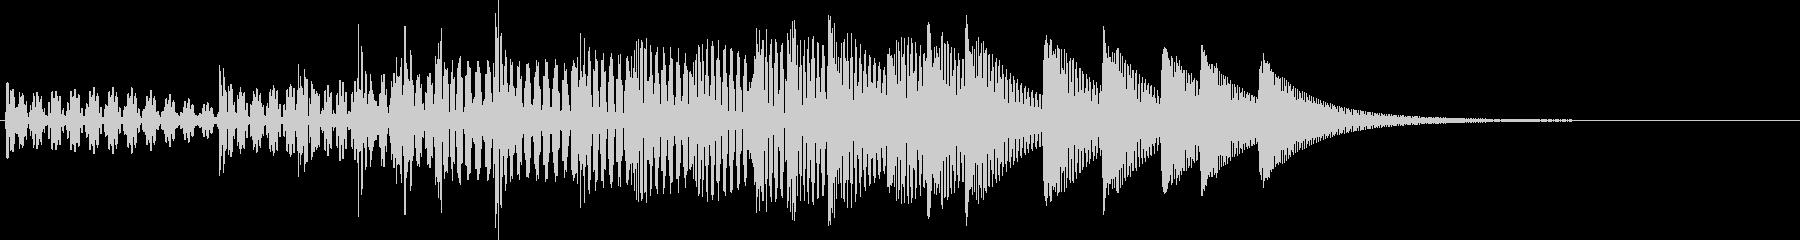 場面転換音02の未再生の波形